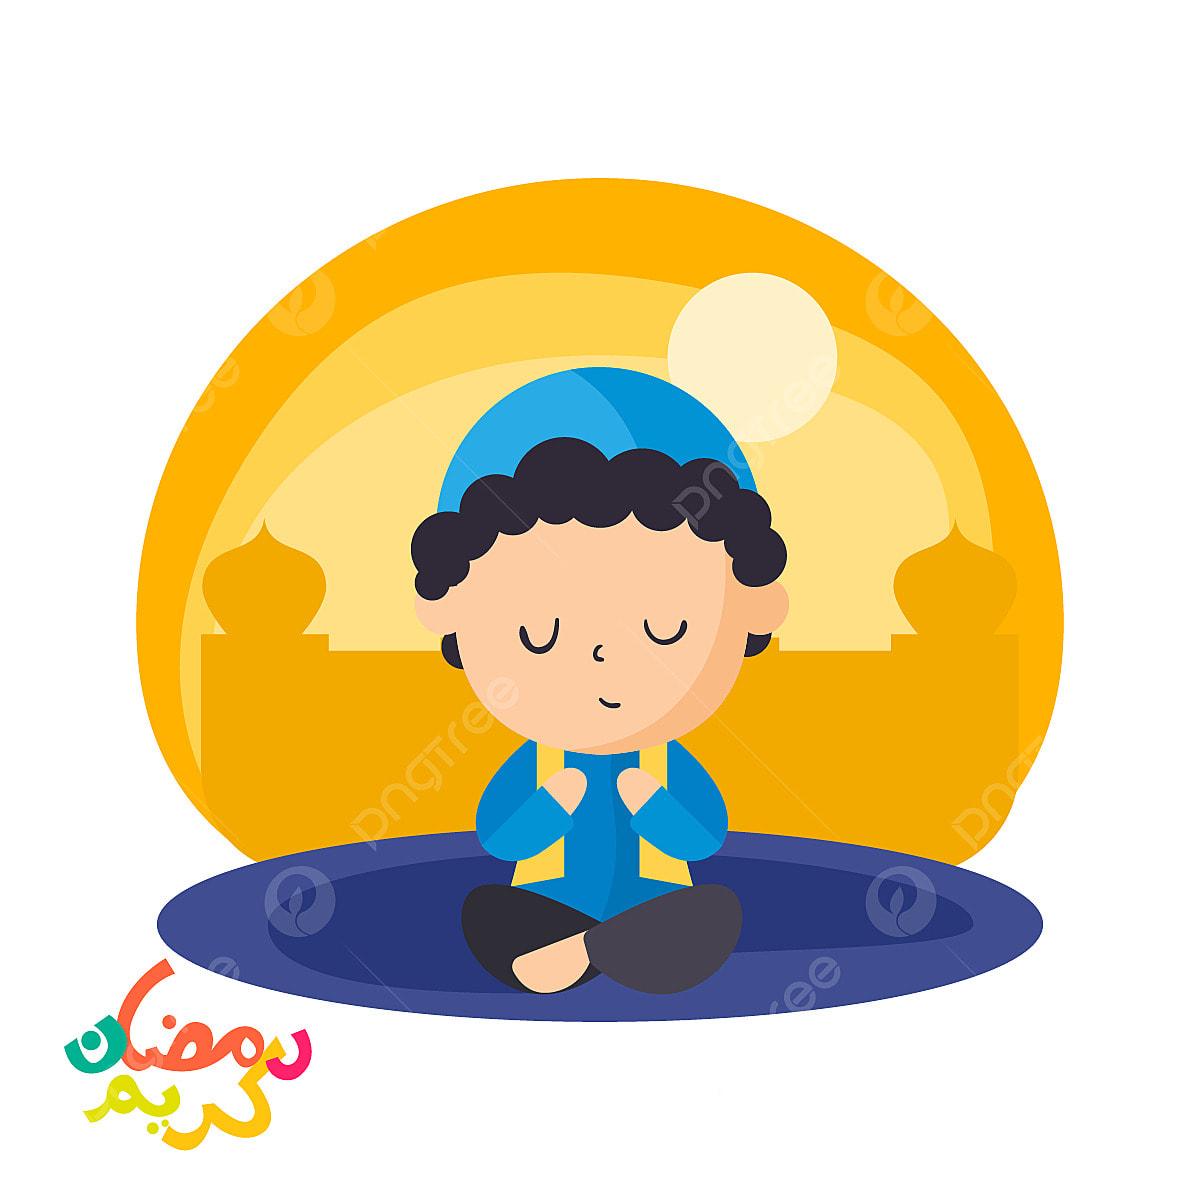 A Islam Adalah Duduk Berdoa Vektor Ilustrasi Dari Muda Islam